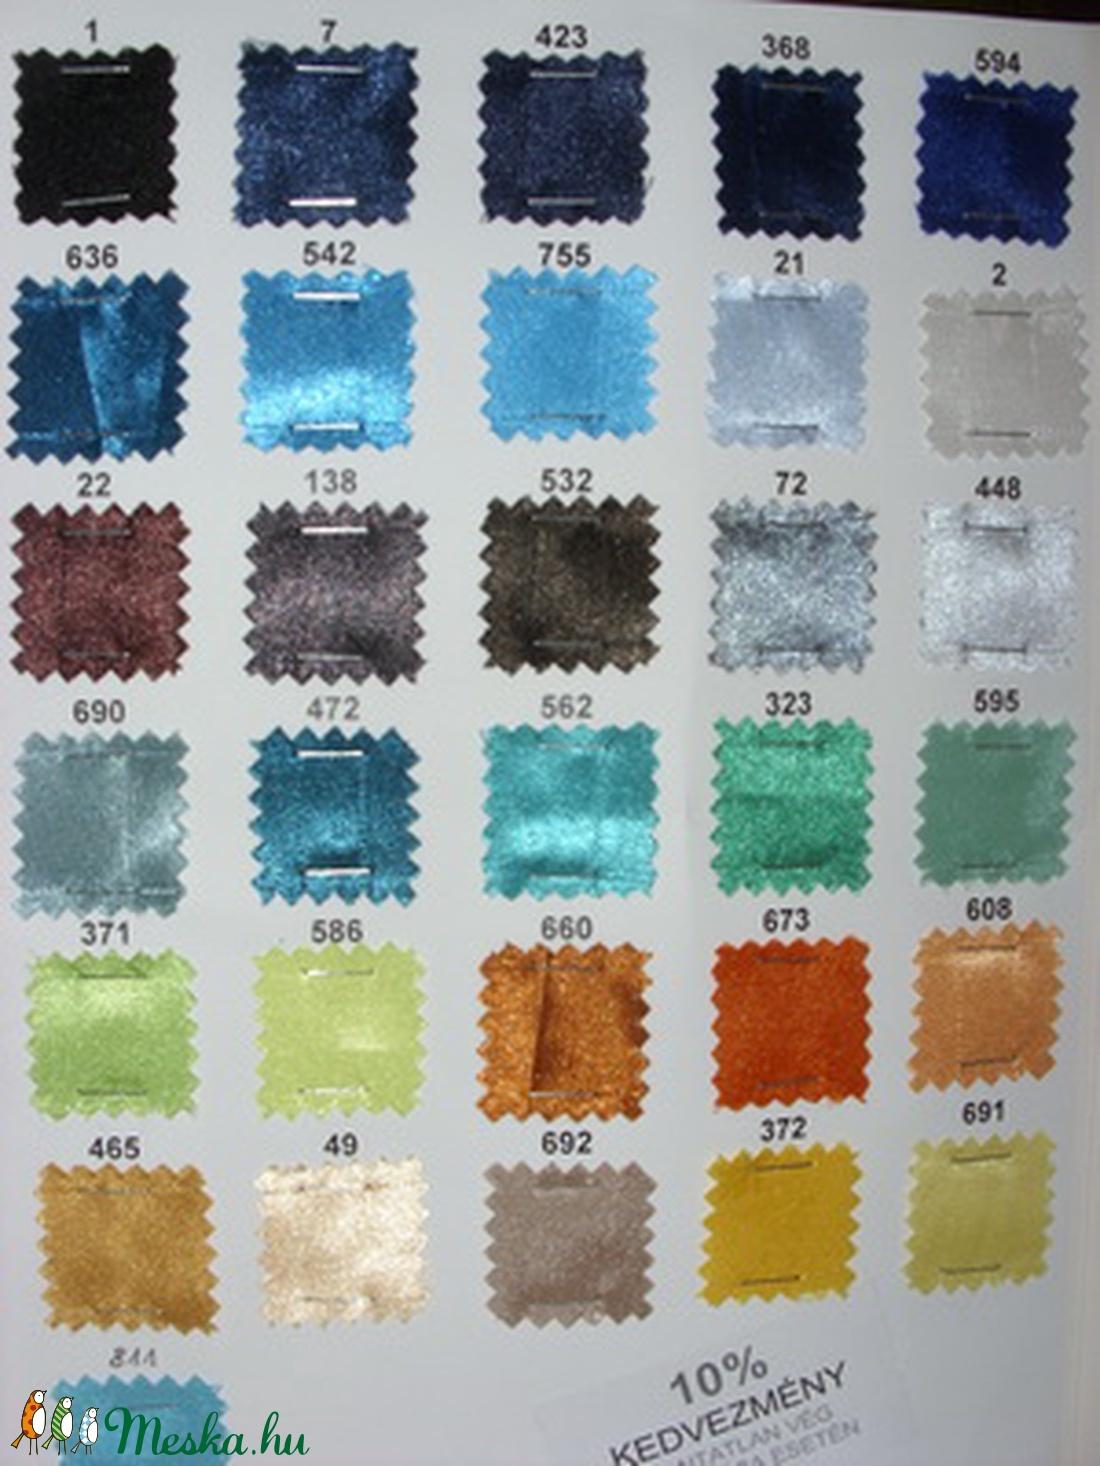 Csodás ezüst és sok más szín szatén 150 cm 990.-Ft - textil - selyem - Meska.hu